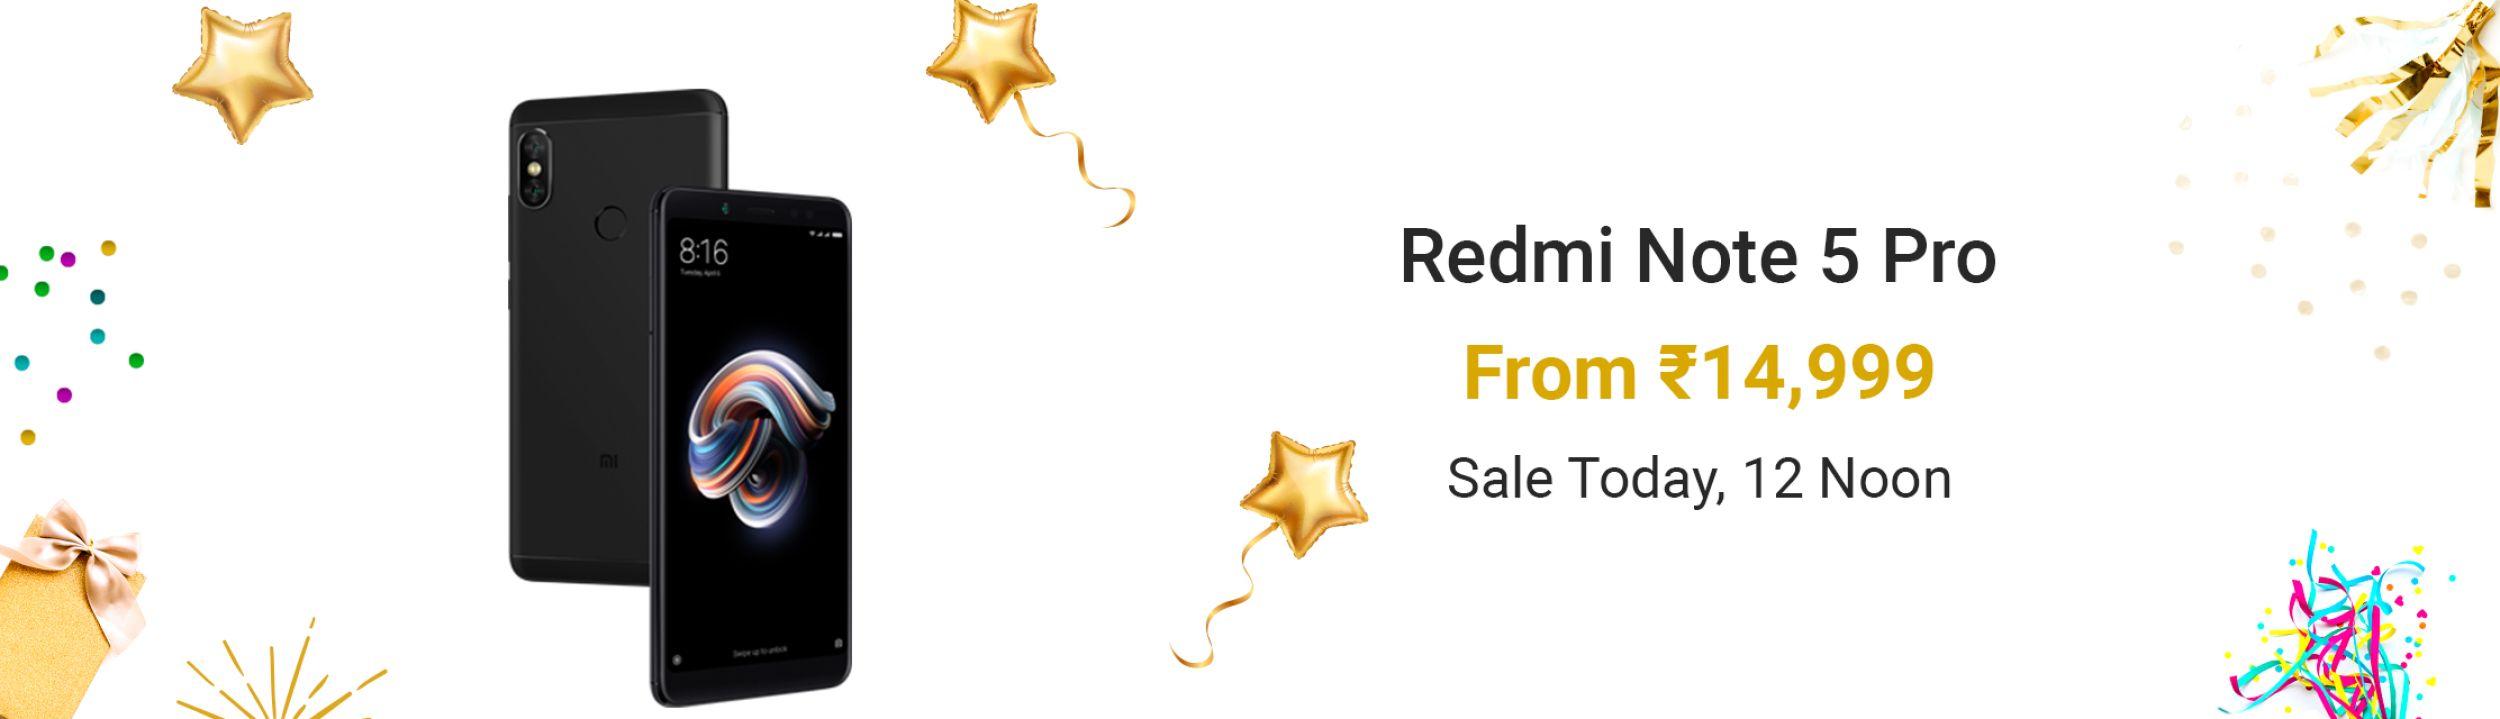 Redmi Note 5 Pro Mi Anniversary